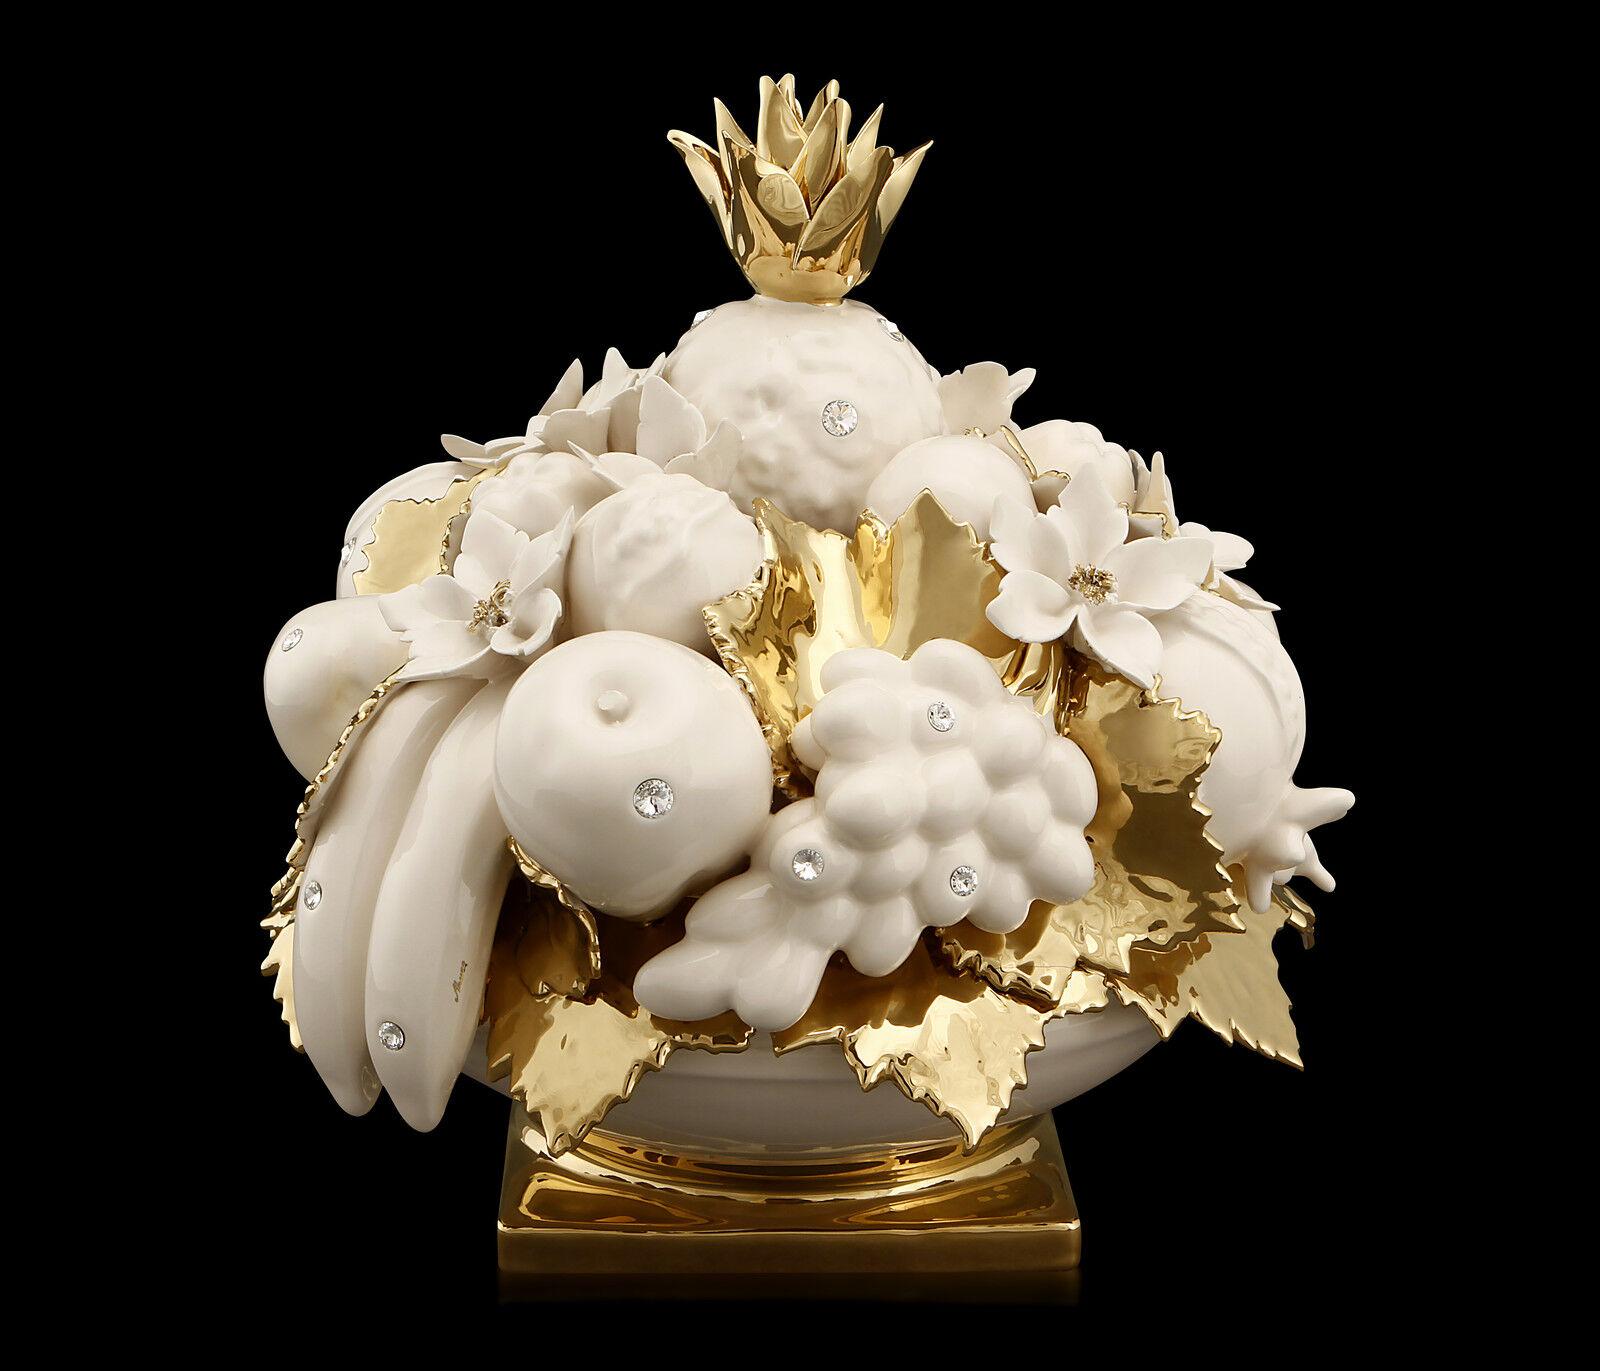 EXKLUSIV Fruchtschale aus Keramik Keramik Keramik und Gold mit Swarovski Kristallen e1a8f6